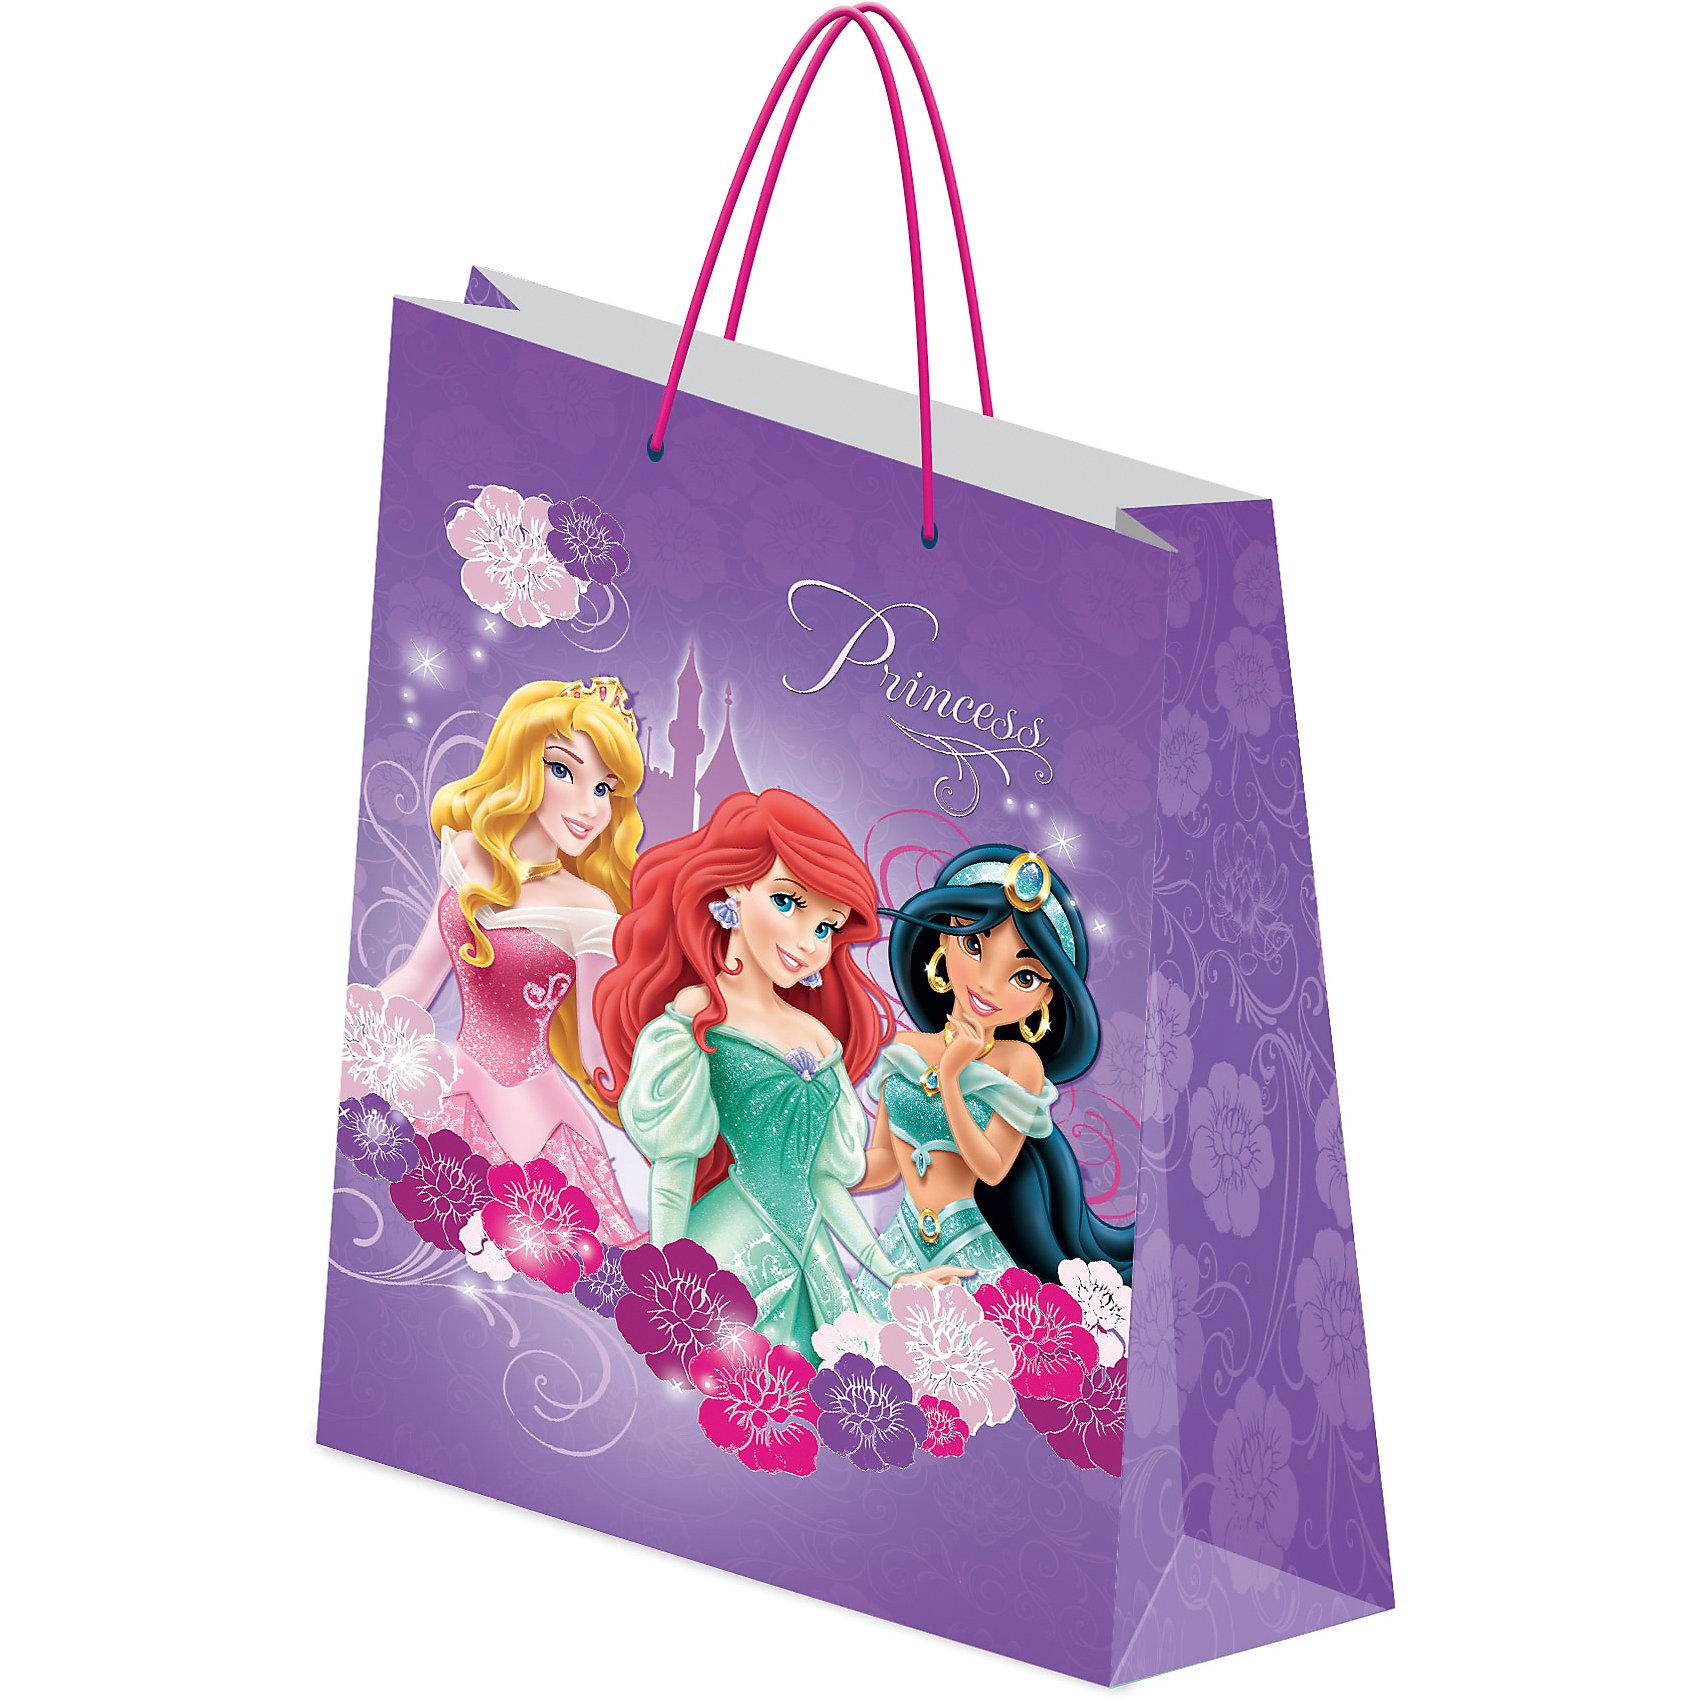 Академия групп Подарочный пакет Принцессы Дисней 33*43*10 см академия групп пенал в форме карандаша принцессы дисней